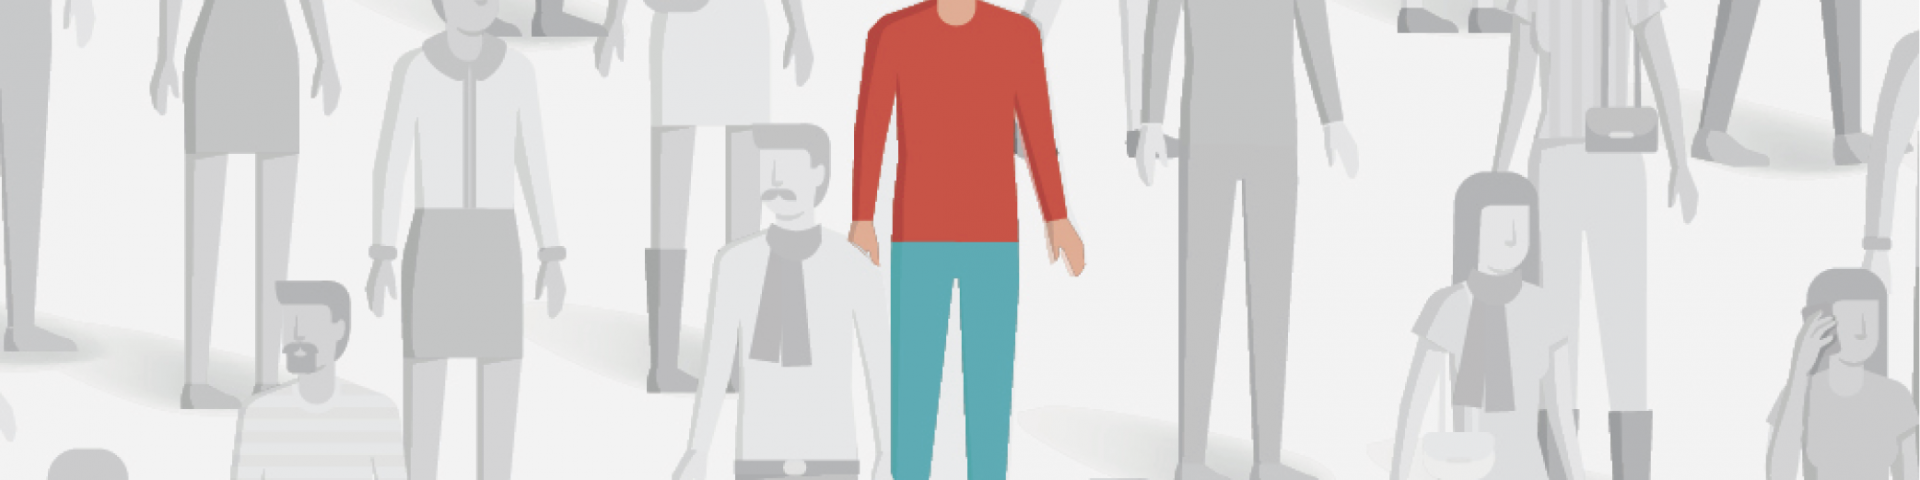 Imagen de PCORI (Patient-Centered Outcomes Research Institute) como portada del capítulo de A Ciencia Cierta: Enfermedades Raras